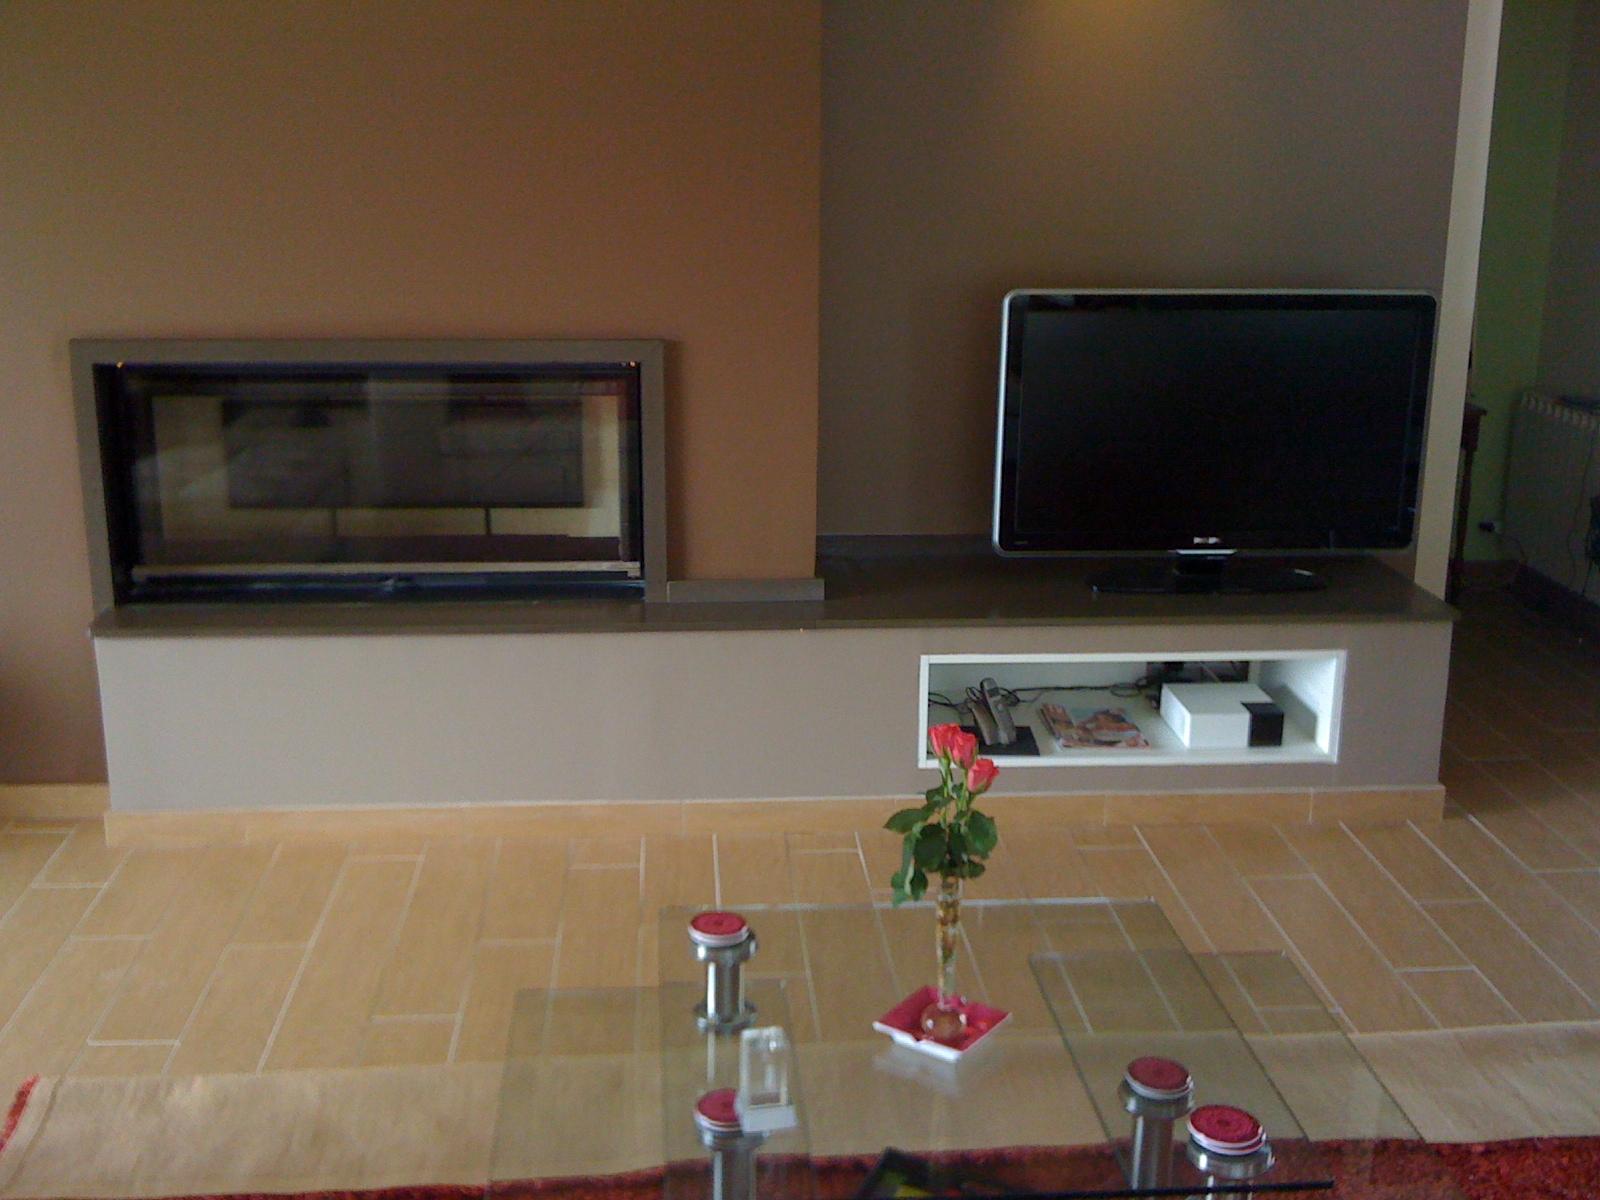 habillage de chemin e en granit quartz ou dekton bordeaux hm deco. Black Bedroom Furniture Sets. Home Design Ideas